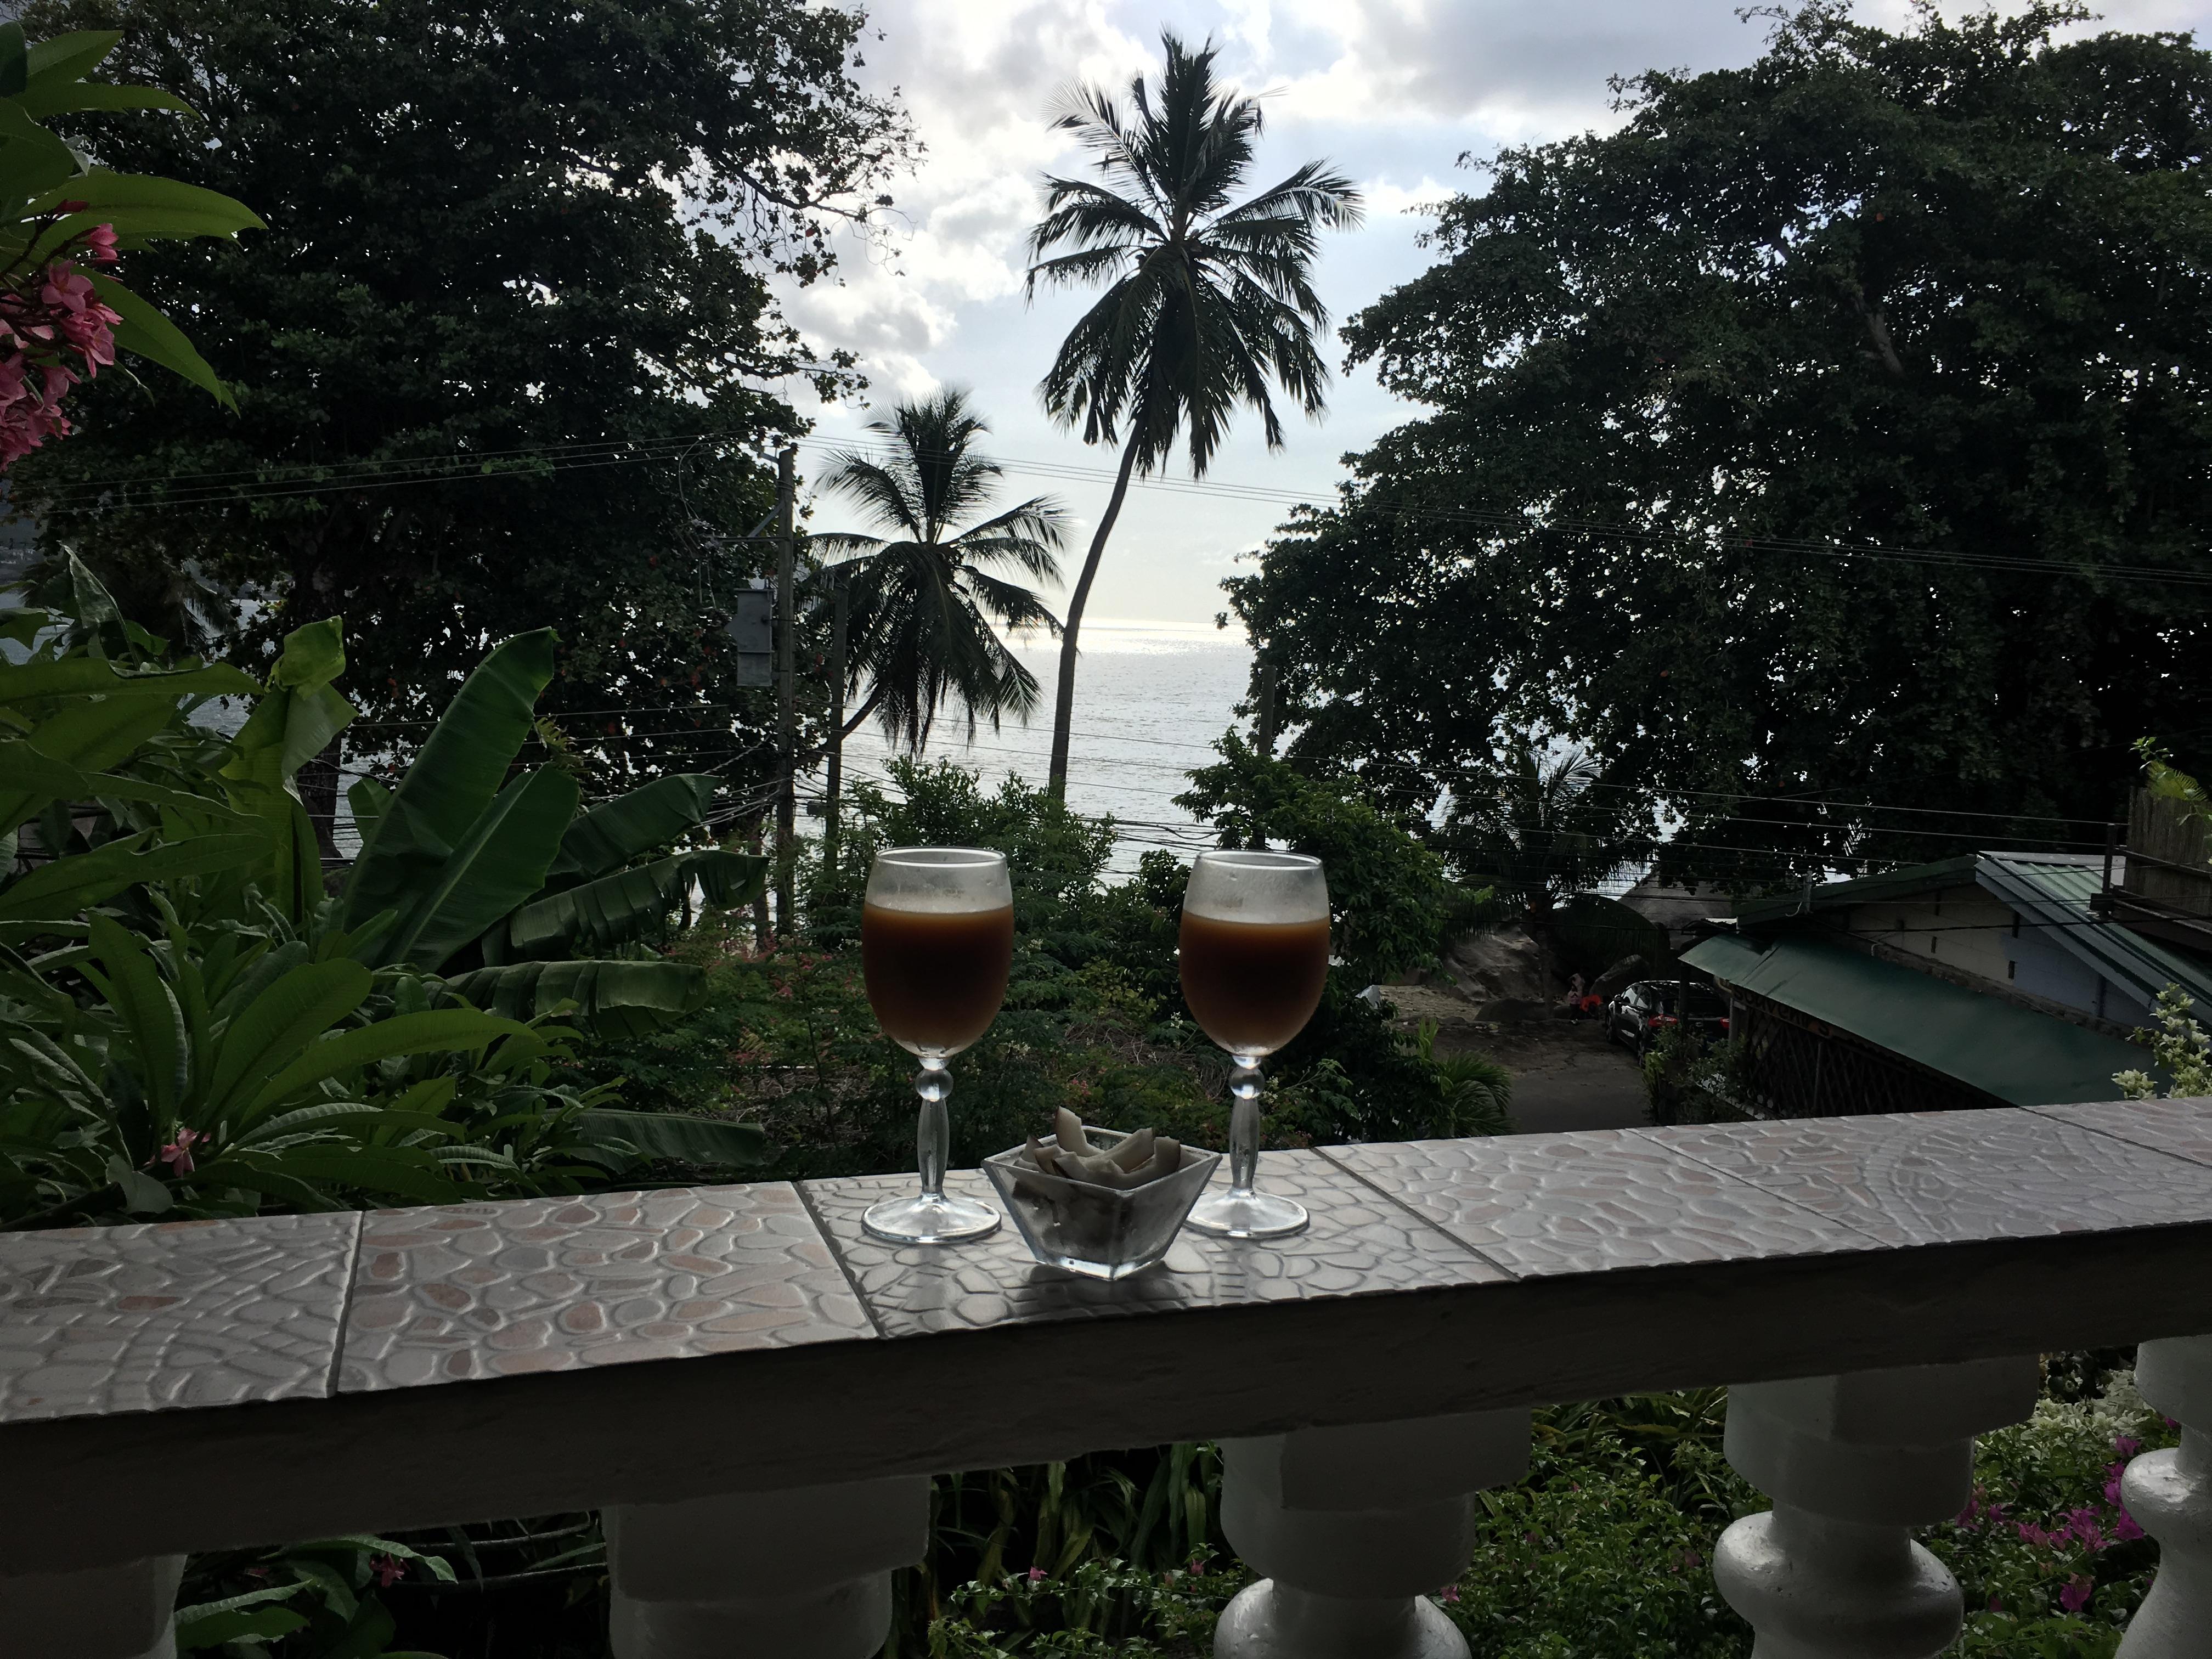 Meerblick bei leckerem Willkommenscocktail und frischer Kokosnuss